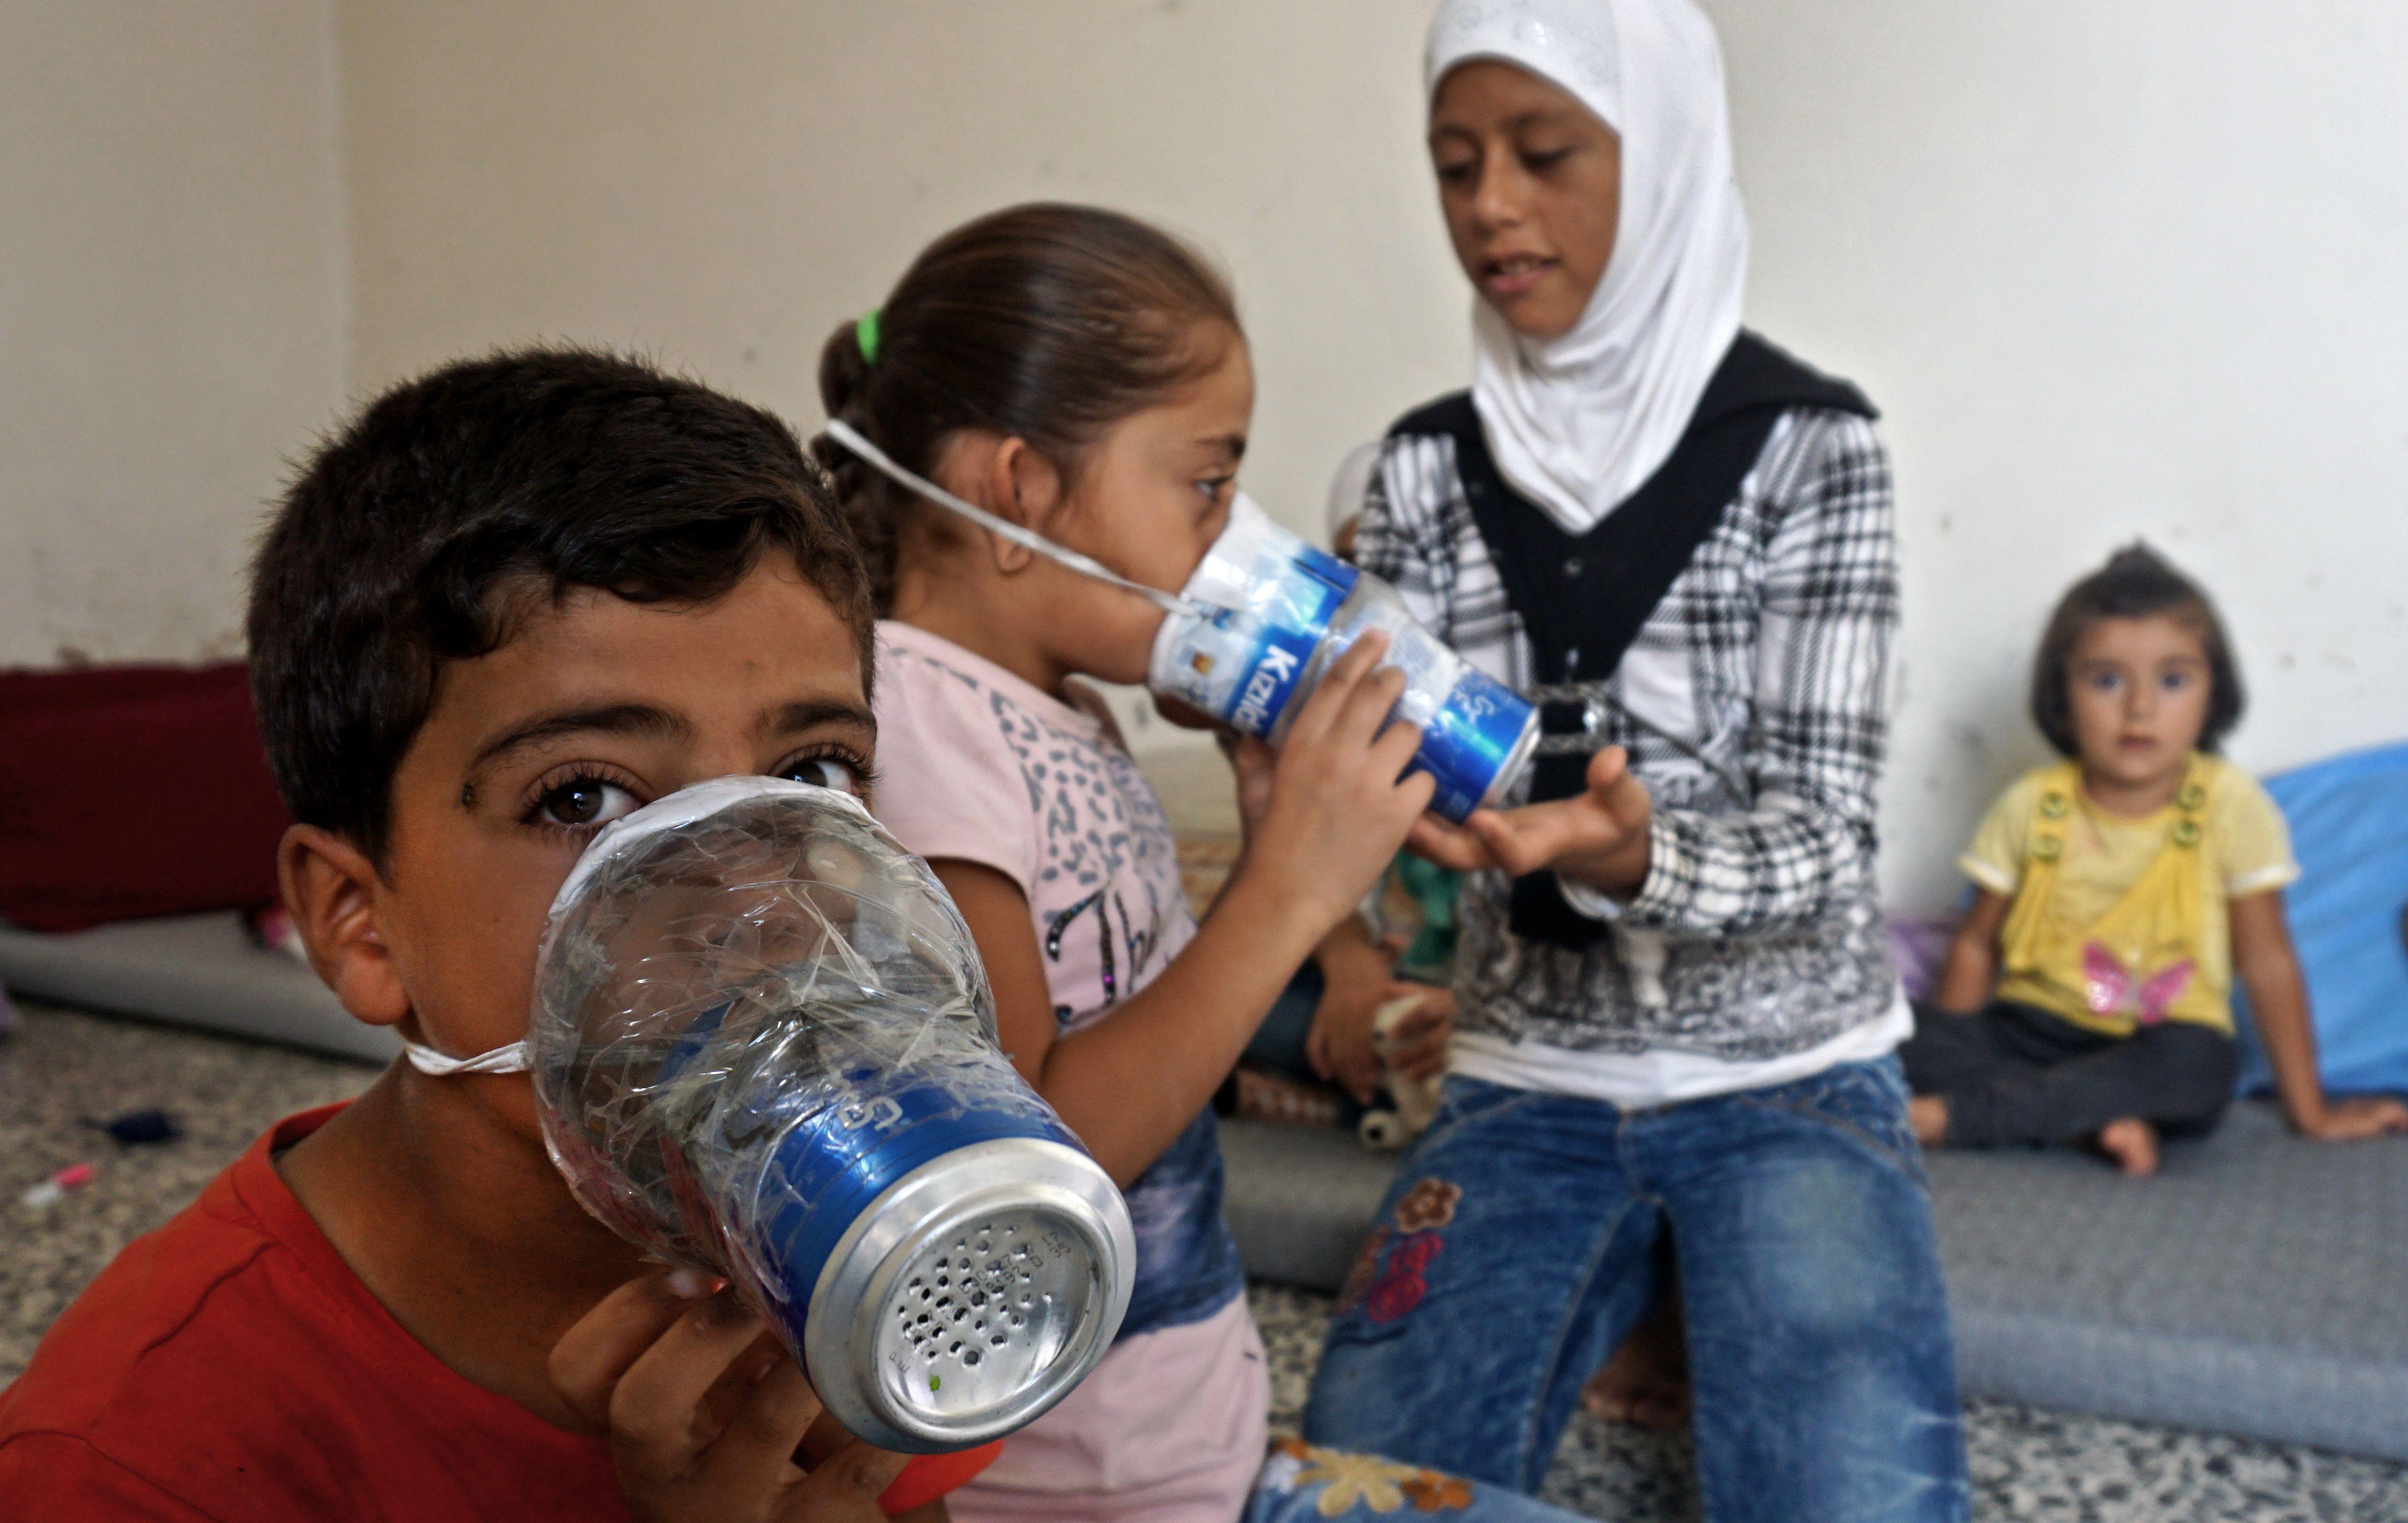 الاطفال السوريون يستخدمون اقنعة الغاز